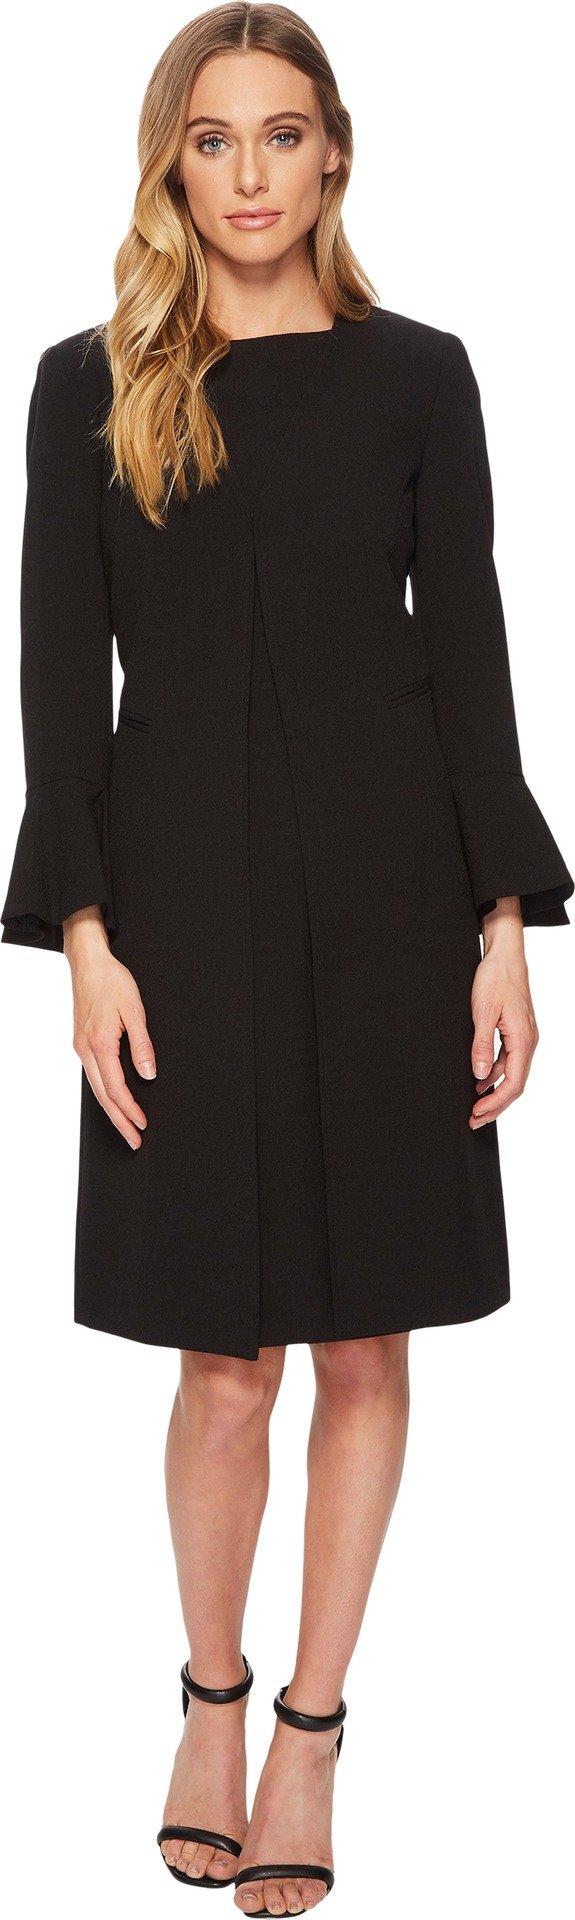 Tahari by ASL Women's Crepe Jacket Dress w/Tulip Sleeve Black 16